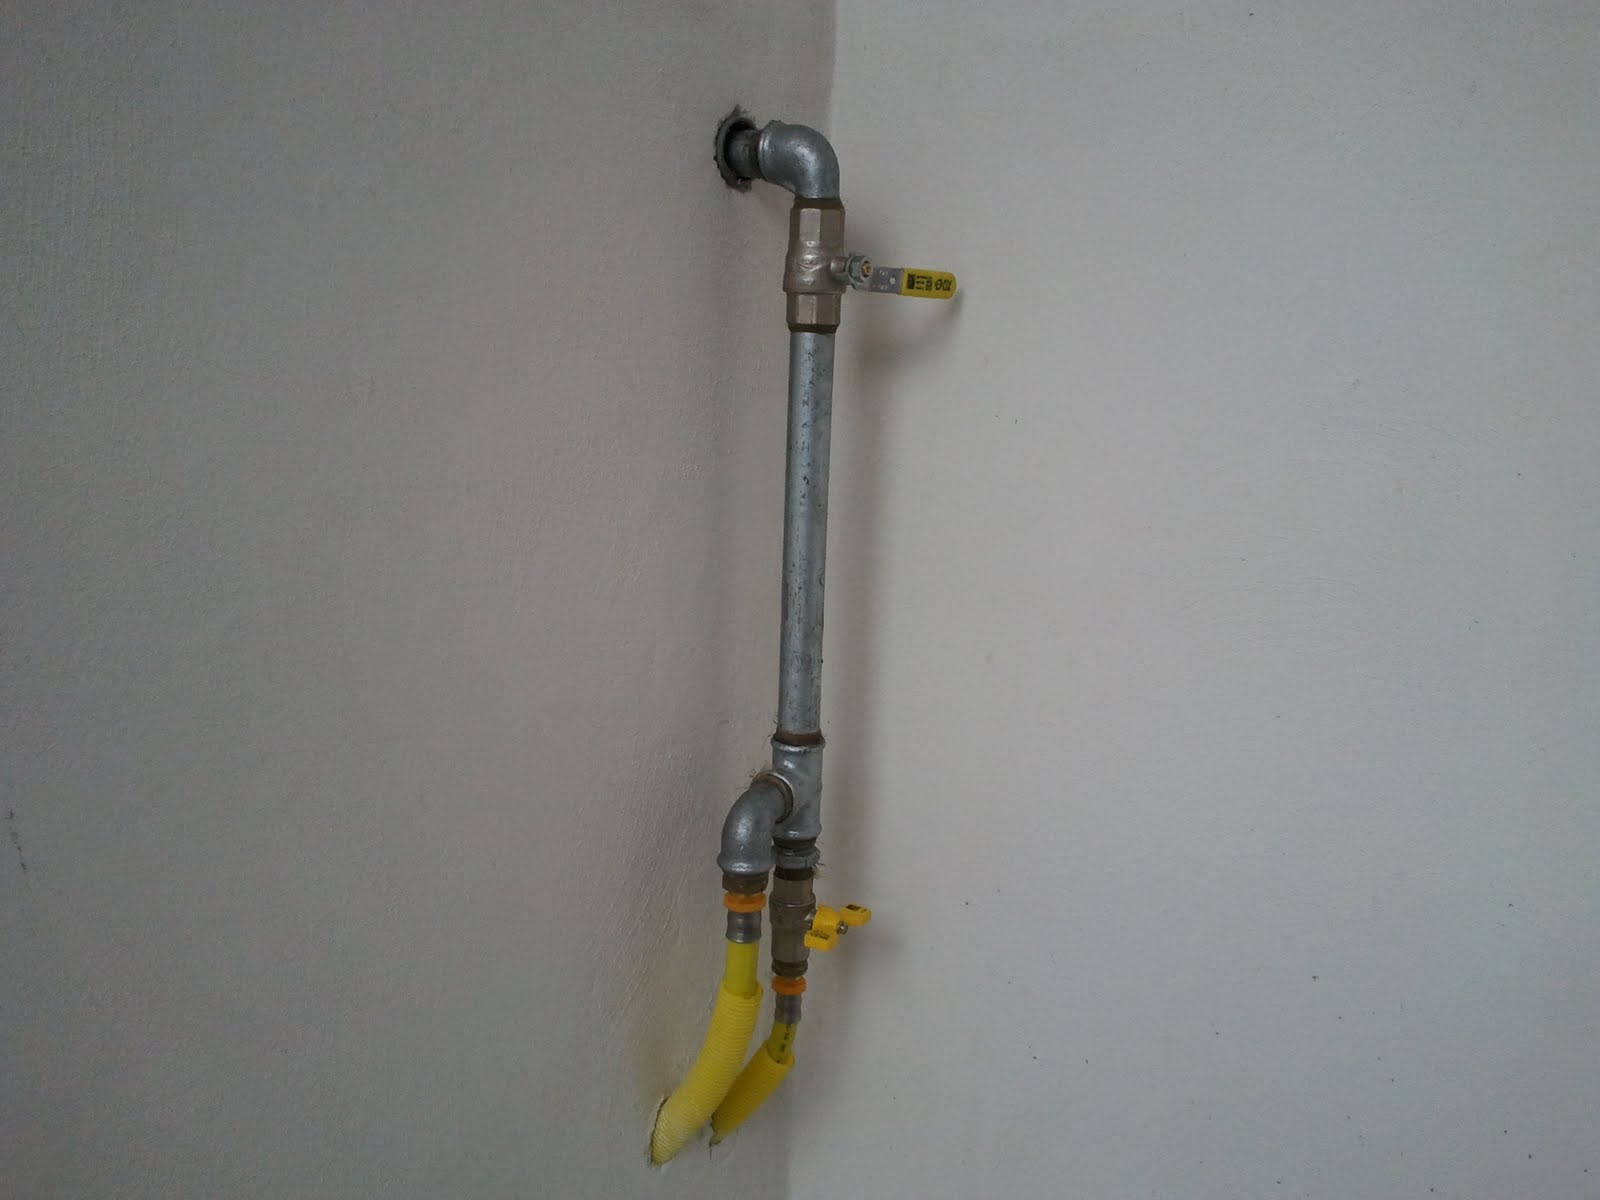 Cooperativa borgonuovo 167 barletta dicembre 2011 - Tubazioni gas metano interrate ...